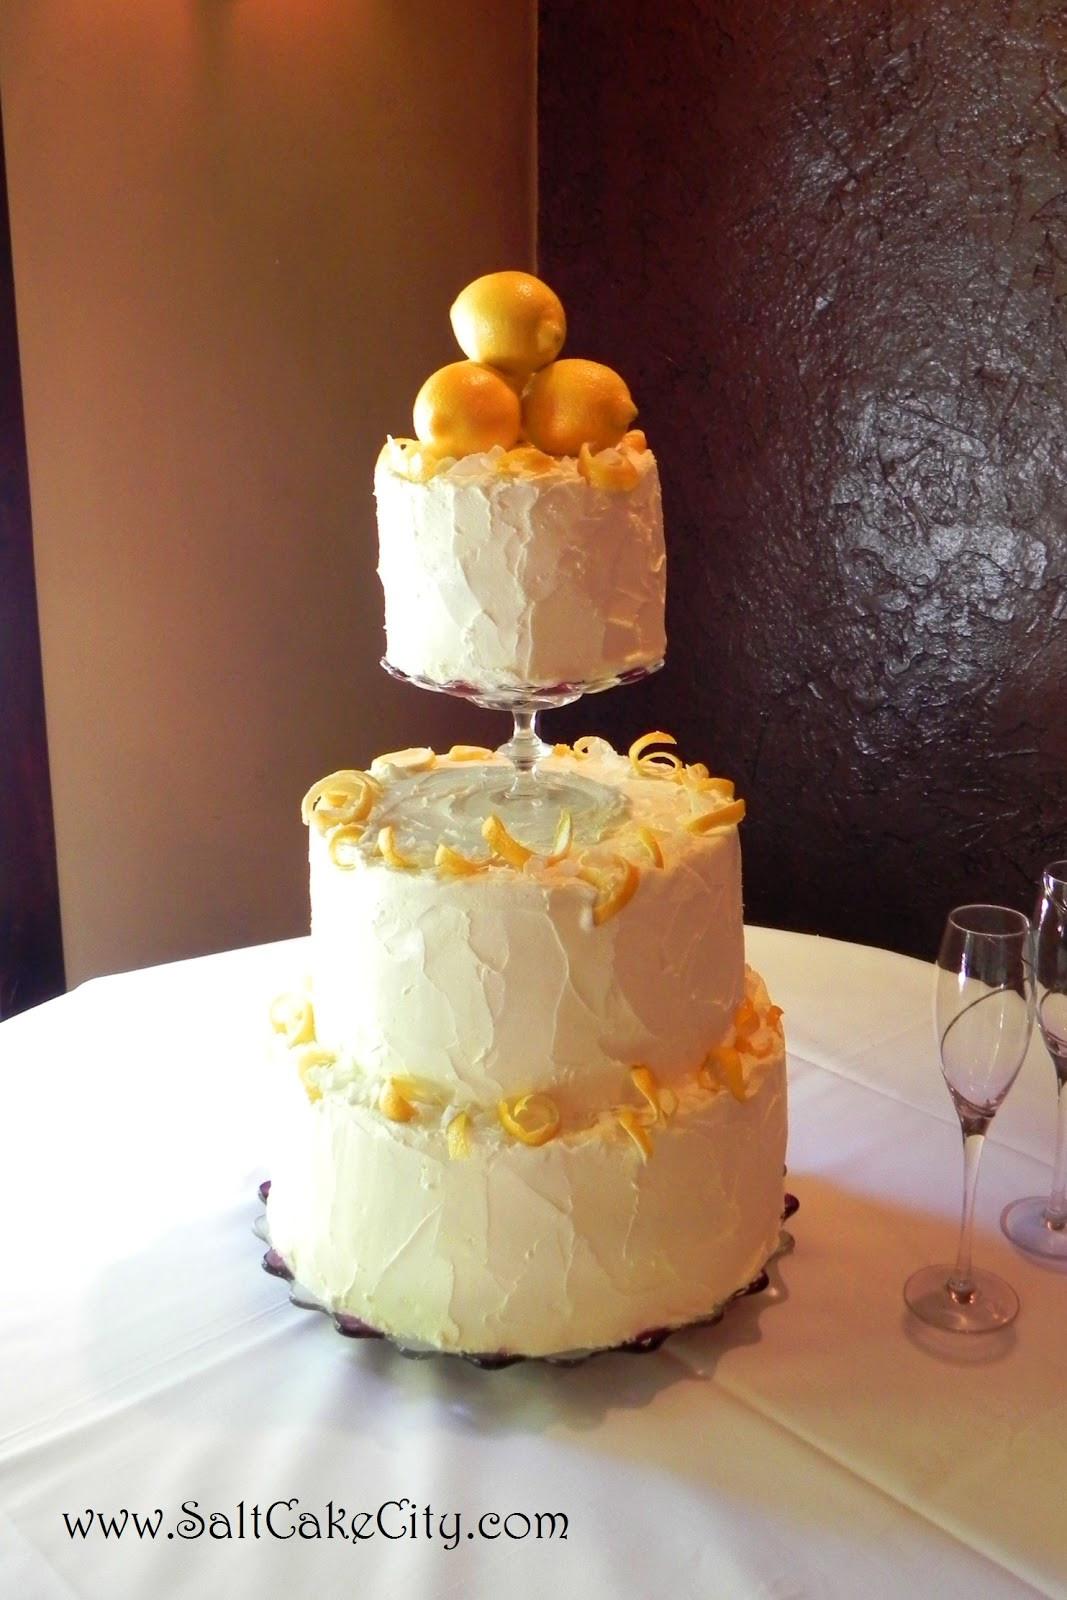 Lemon Wedding Cakes  Salt Cake City Lemon Buttercream Wedding Cake